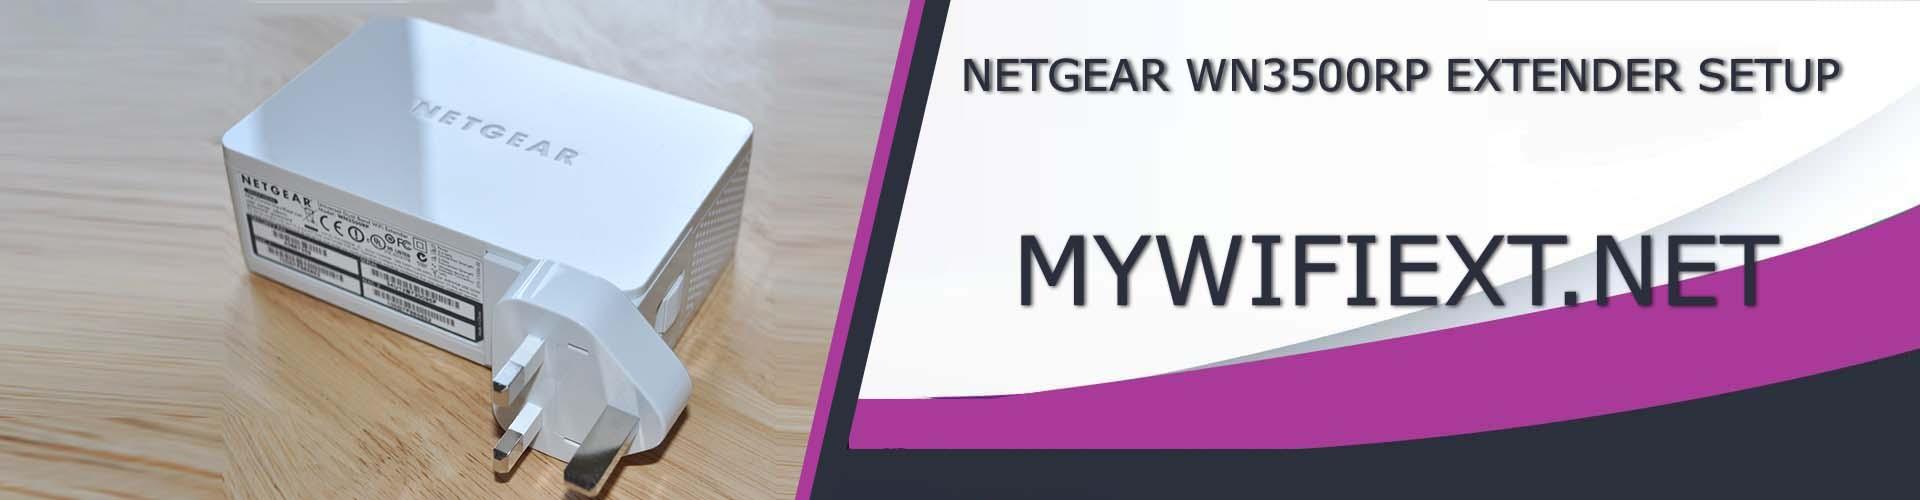 NETGEAR WN3500RP EXTENDER SETUP